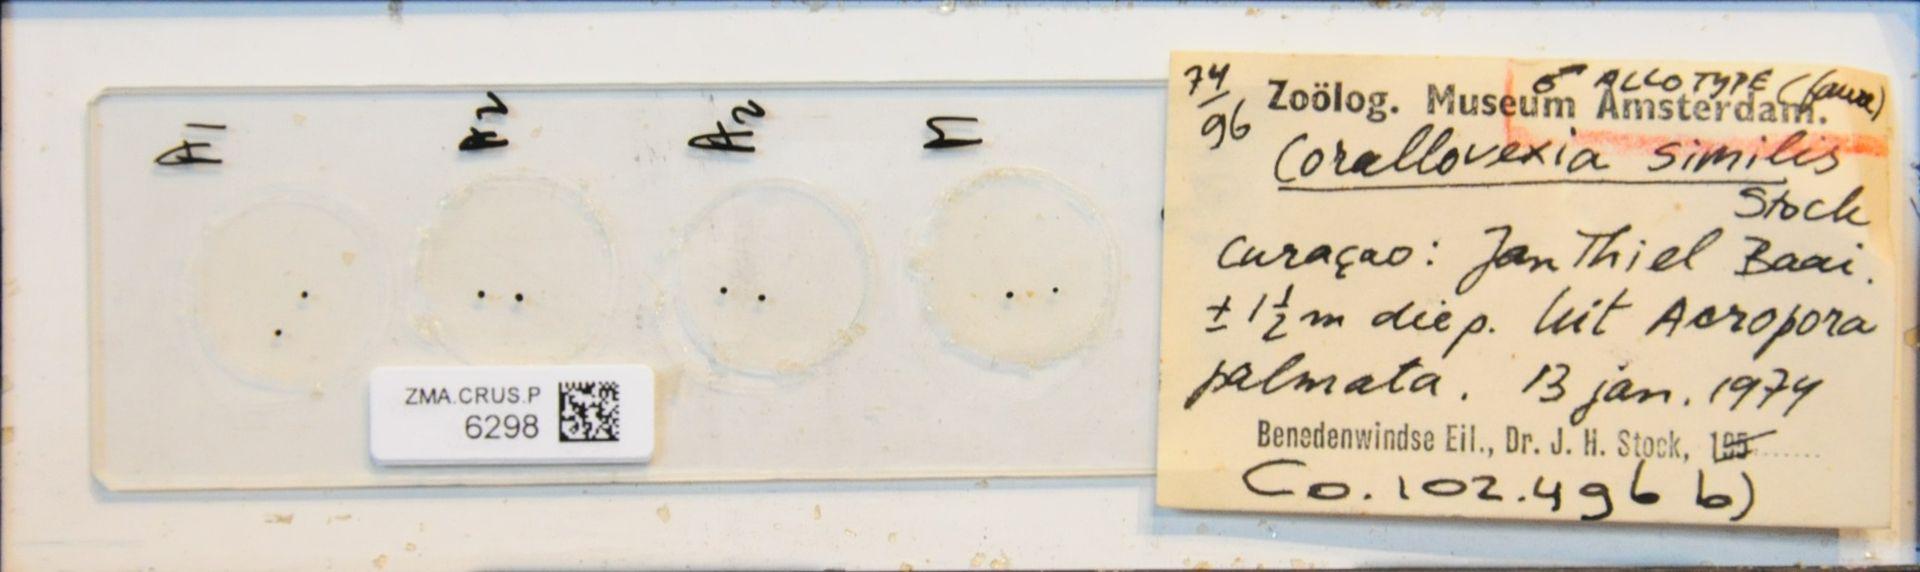 ZMA.CRUS.P.6298 | Corallovexia mixtibrachium Stock